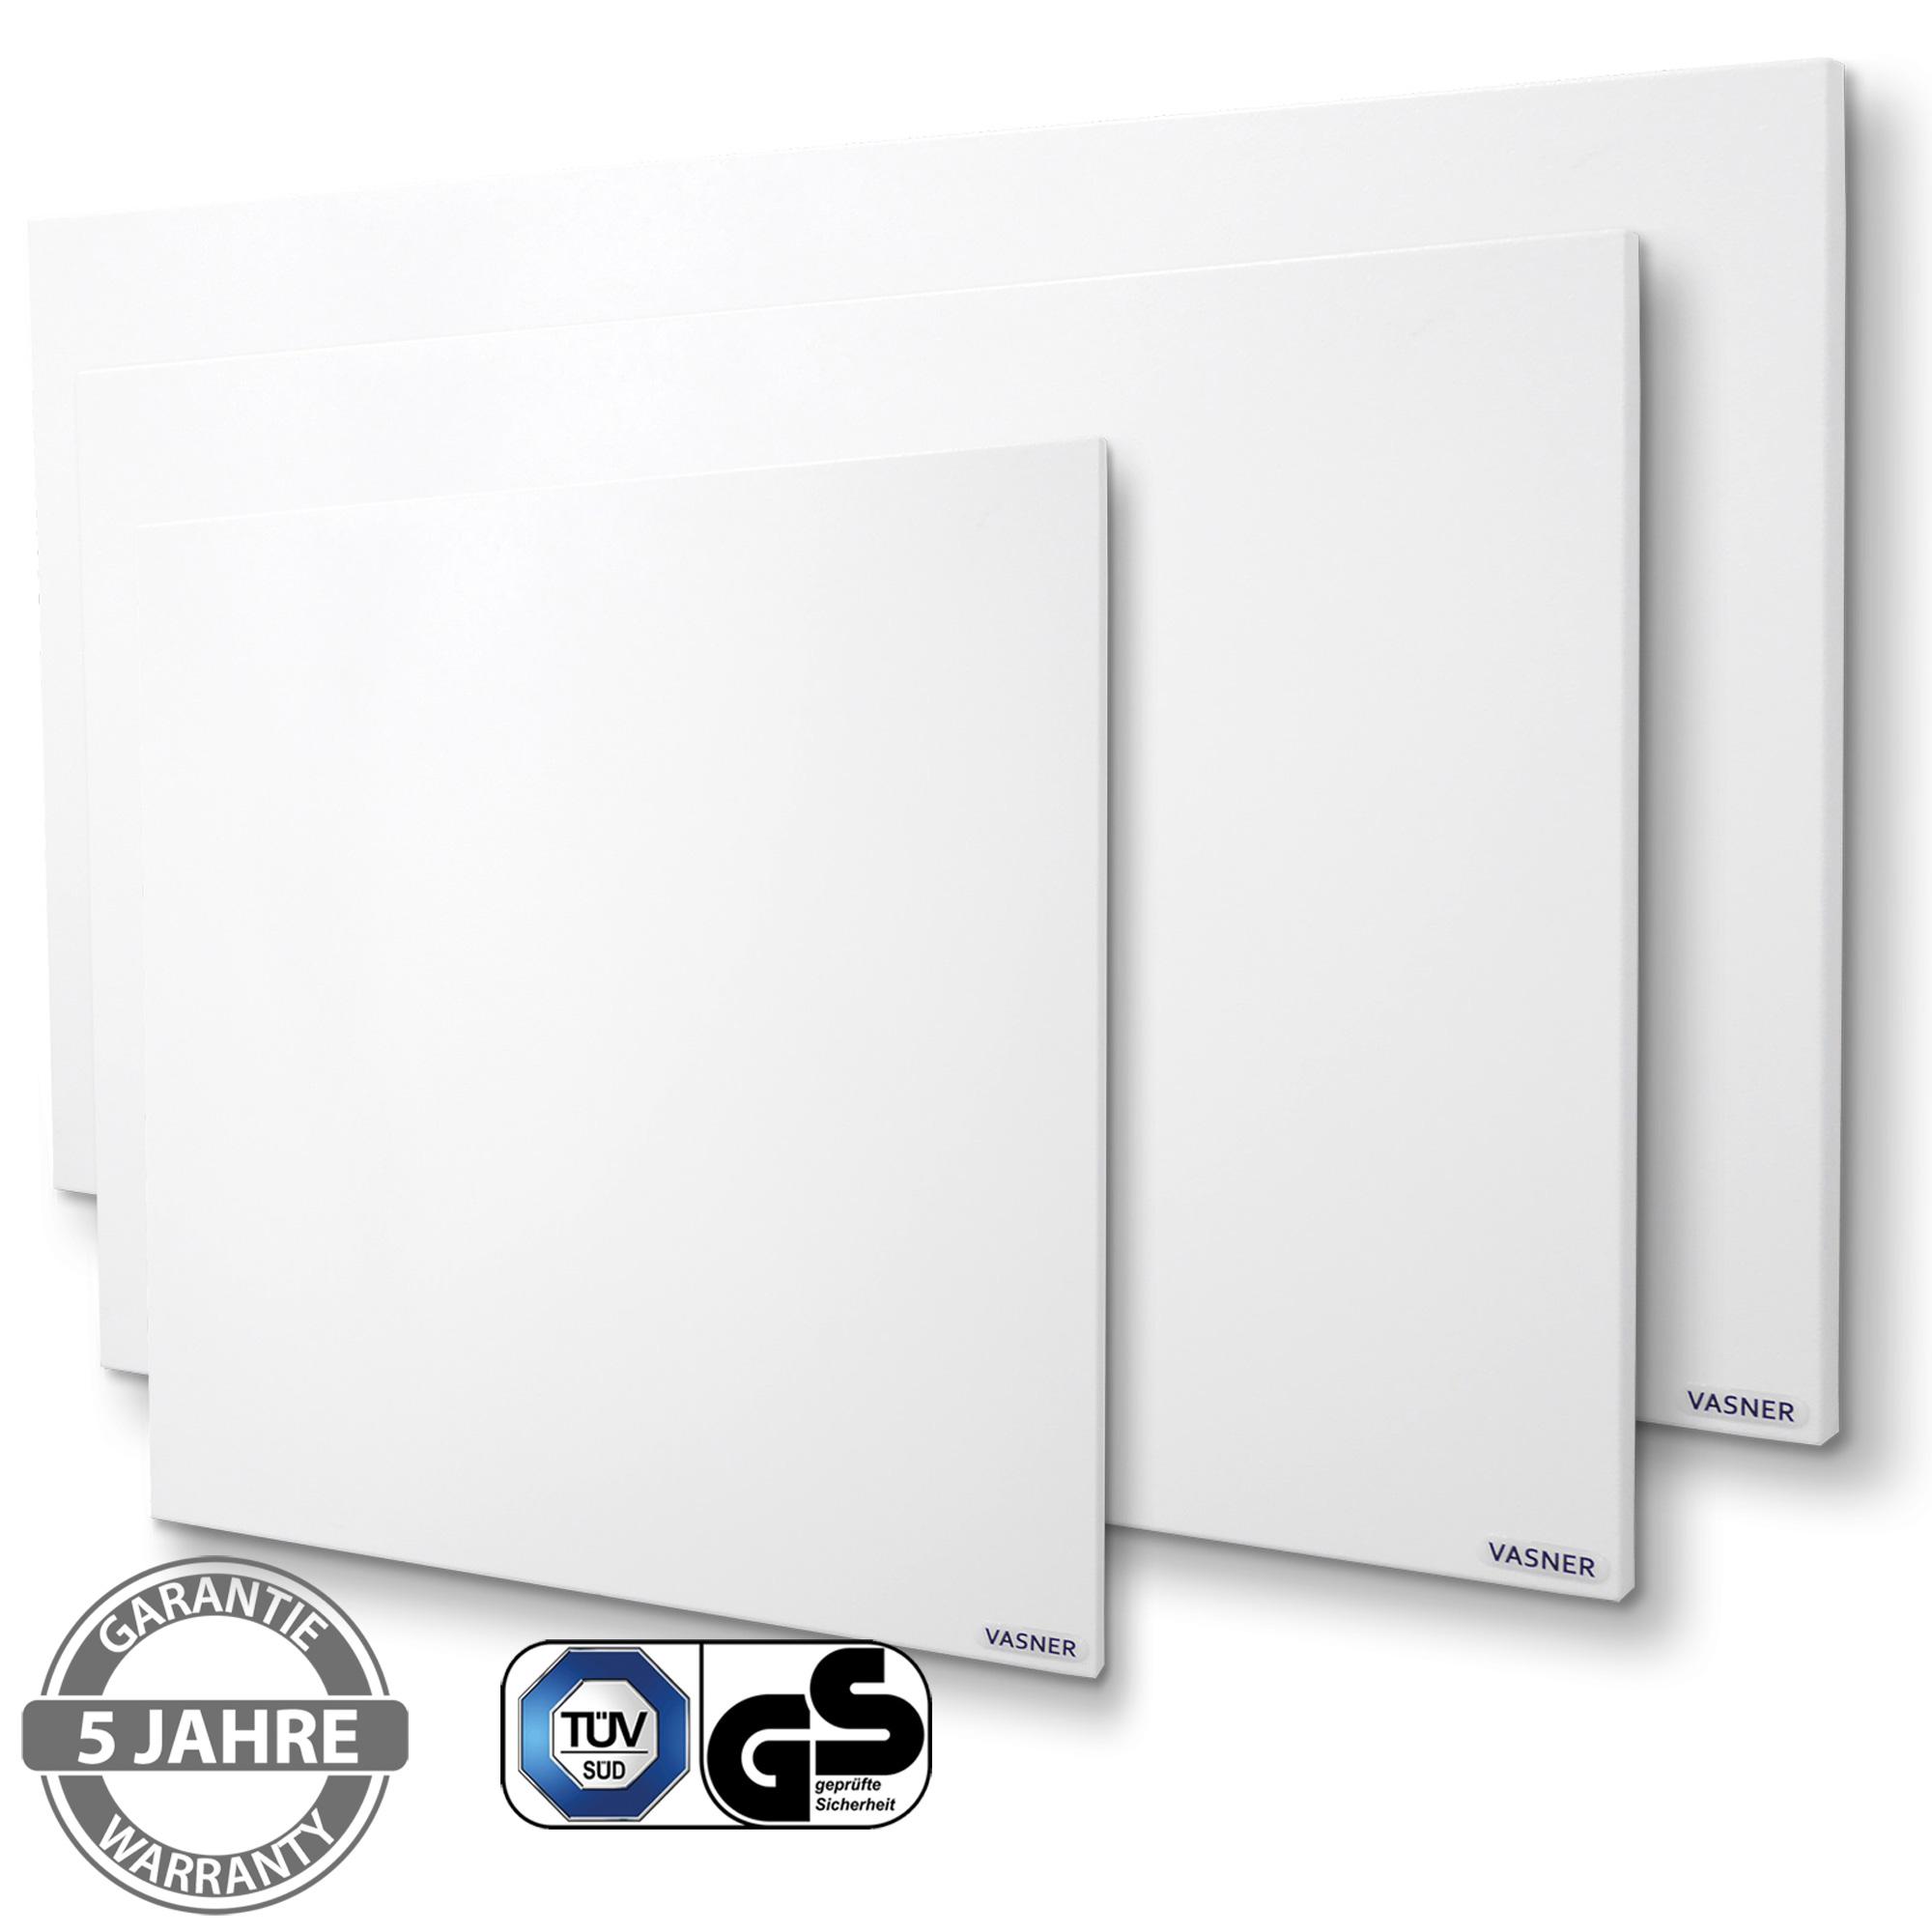 Metall Infrarotheizung Wand / Decke geeignet